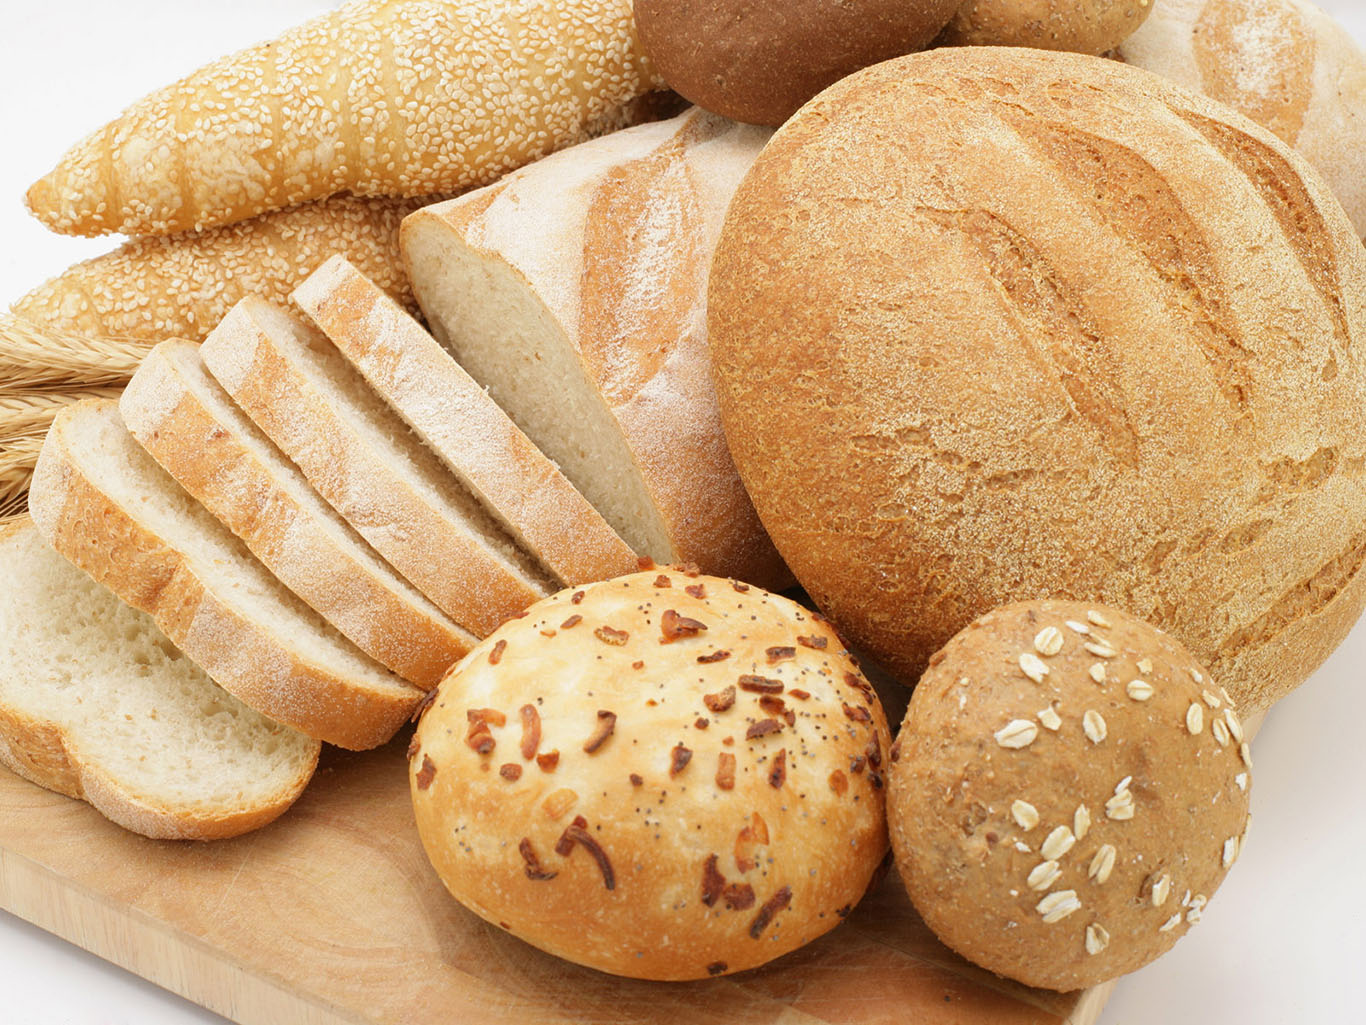 диетологи о хлебе